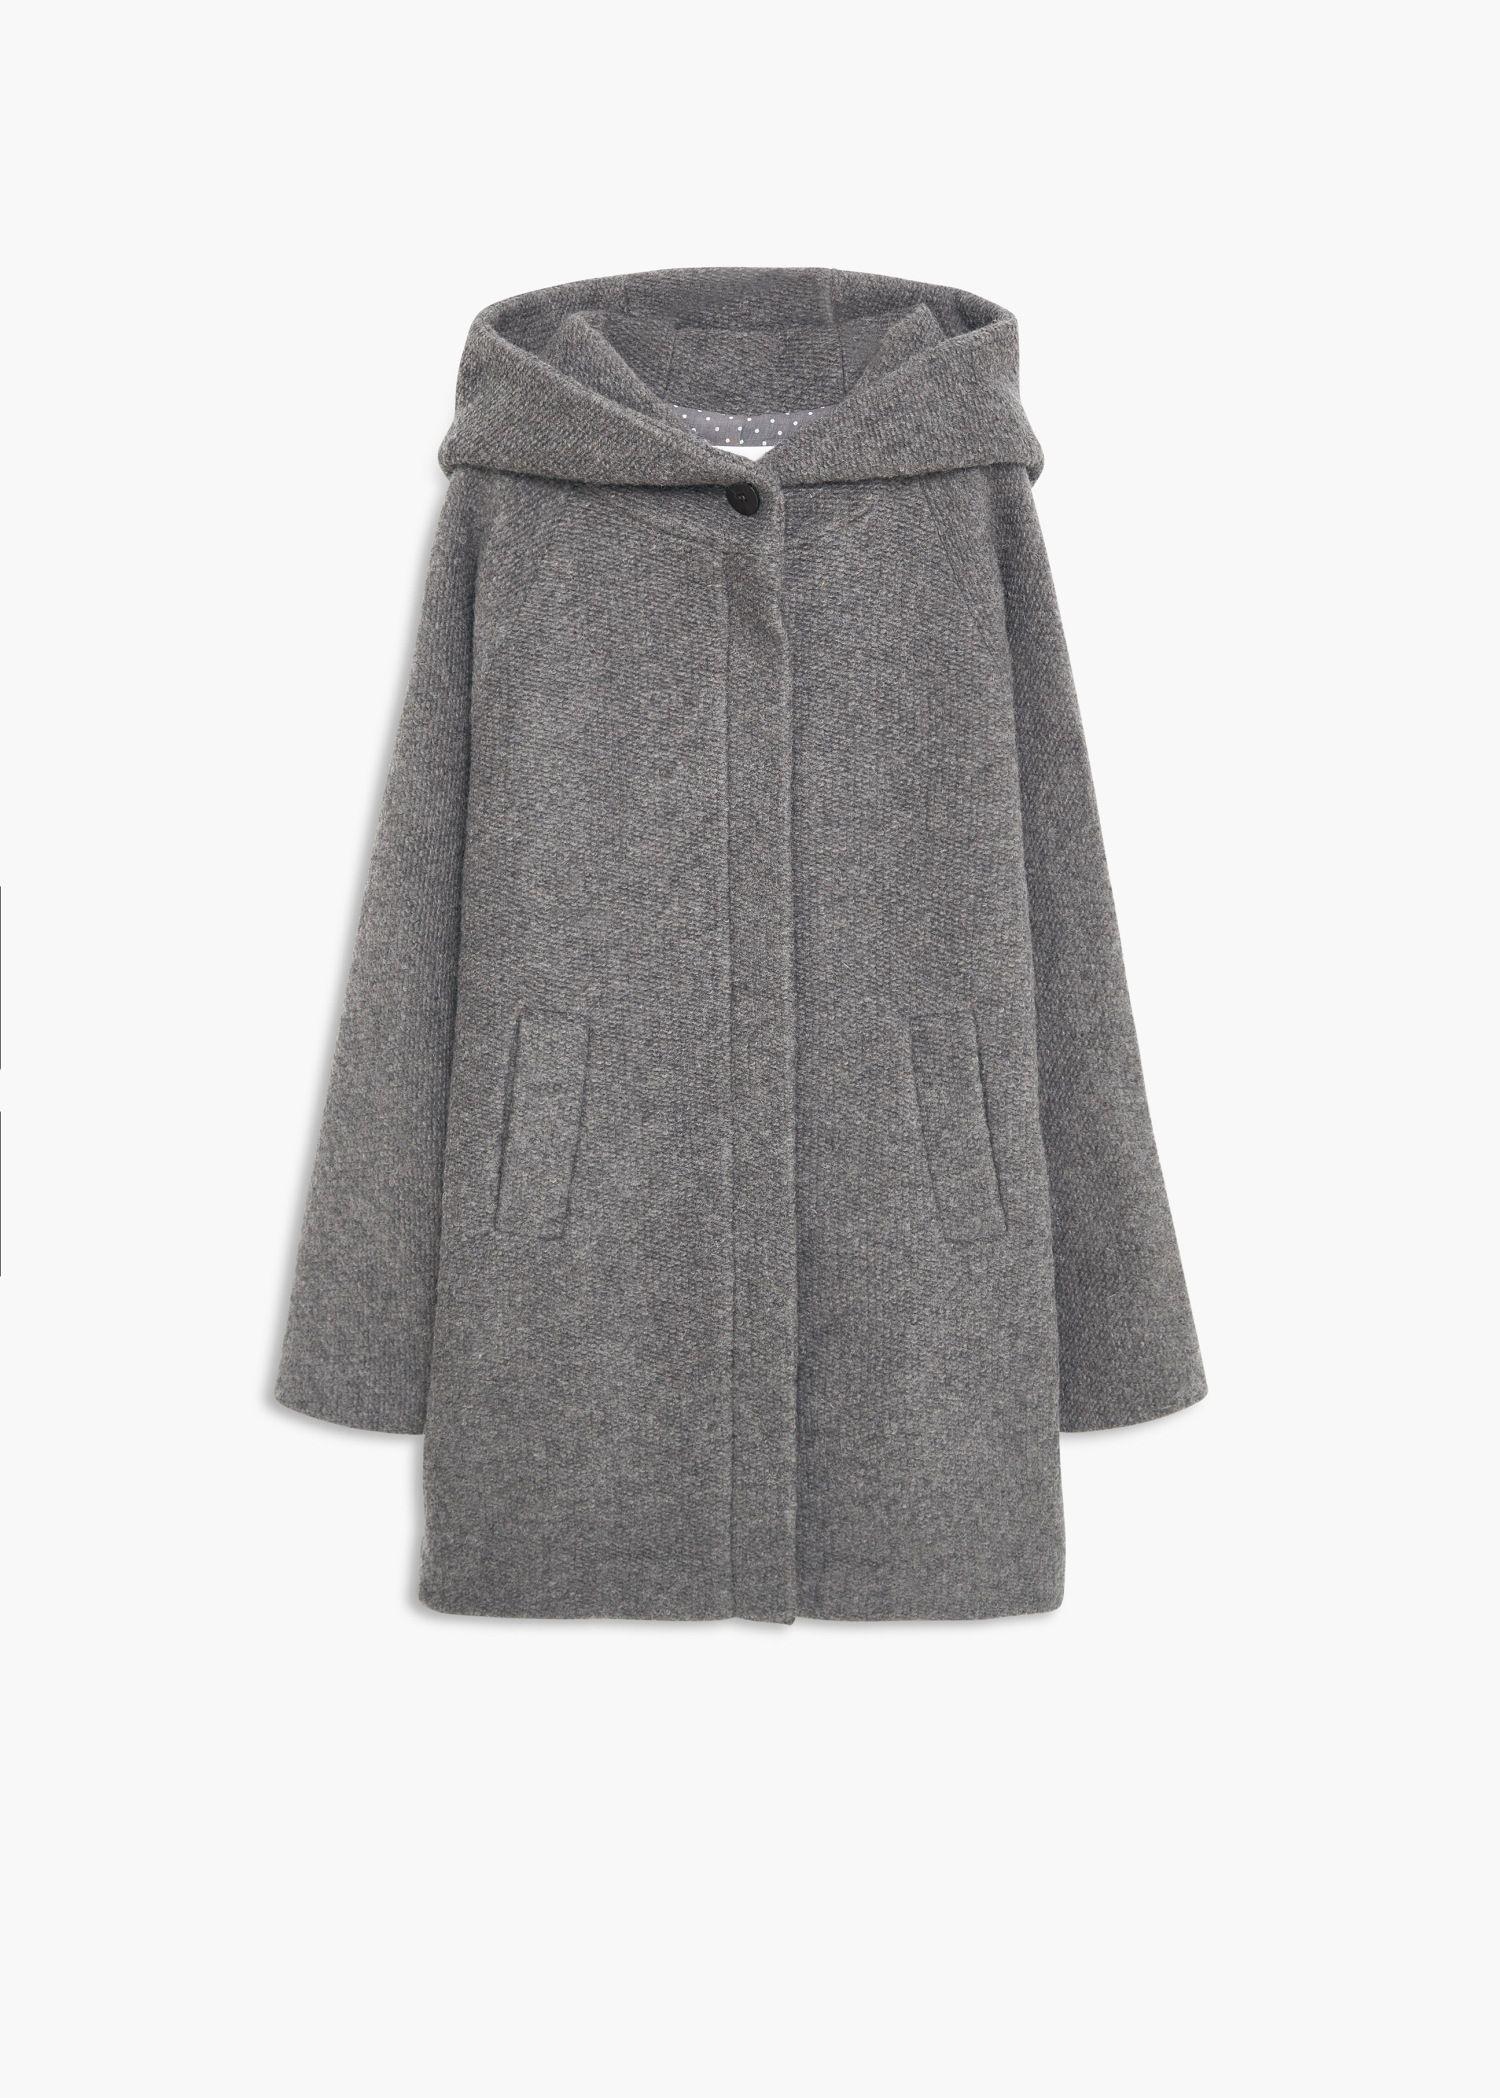 Abrigo lana capucha - Abrigos de Mujer  bff9052fcdf4